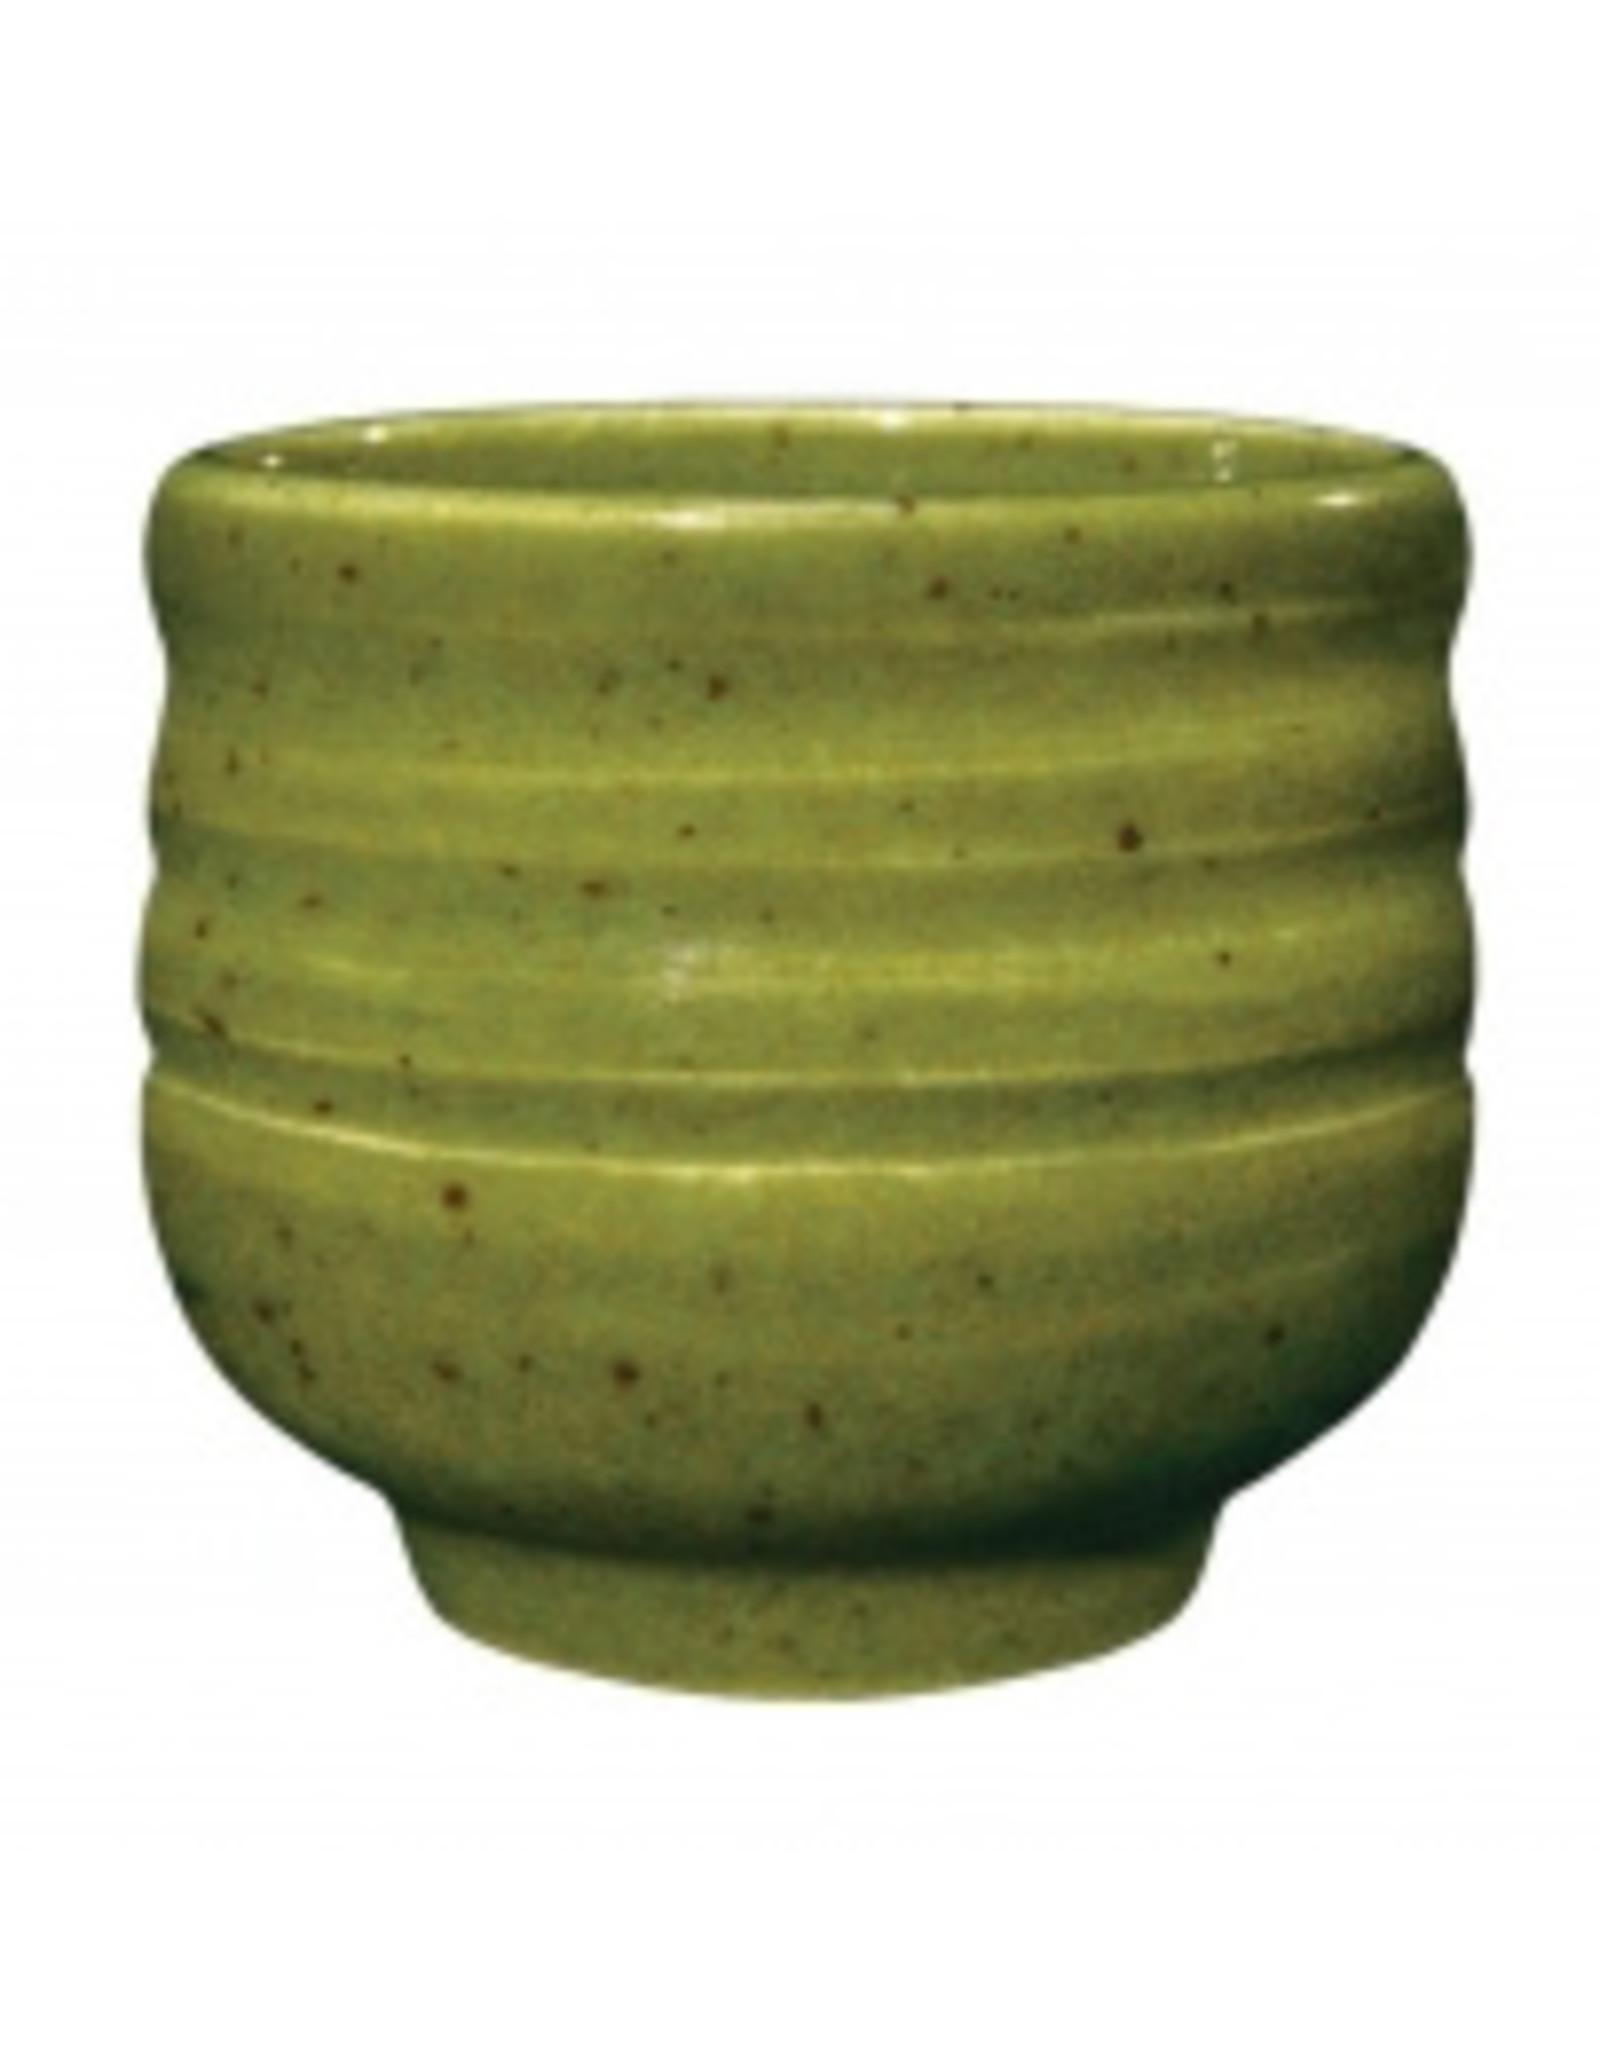 Deep Olive Speckle AMACO Potters Choice Brush-on Stoneware Glaze 473ML 1180˚C - 1240˚C